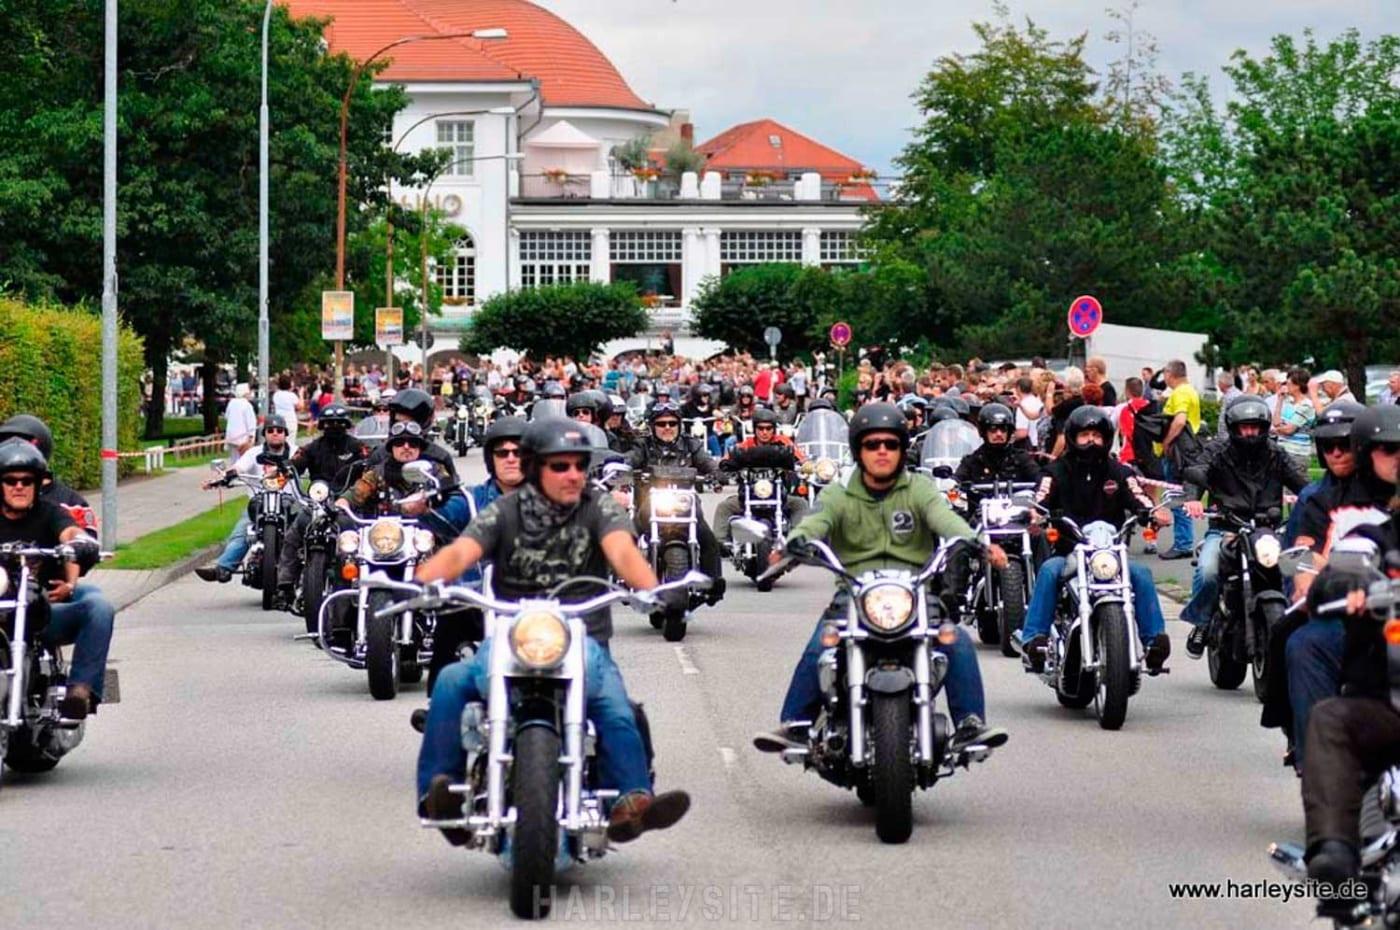 Harley-Davidson Parade in Travemünde